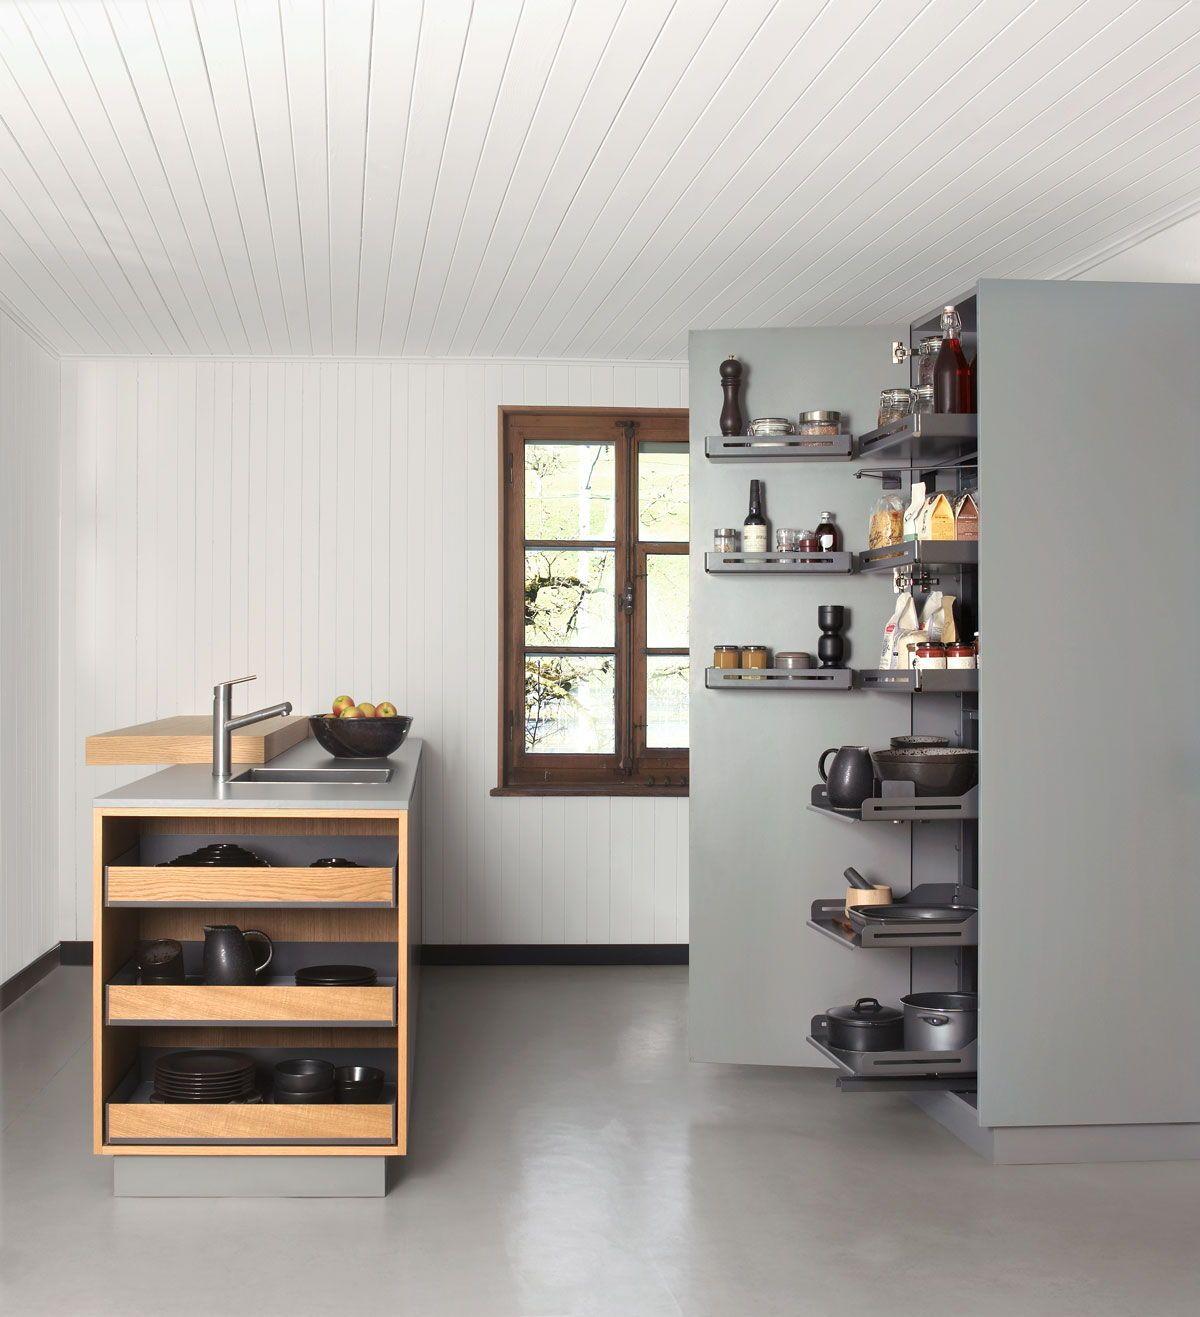 Full Size of Plastikfreie Küche Aufbewahrung Kleine Küche Aufbewahrung Küche Aufbewahrung Kunststoff Küche Aufbewahrung Wand Küche Küche Aufbewahrung